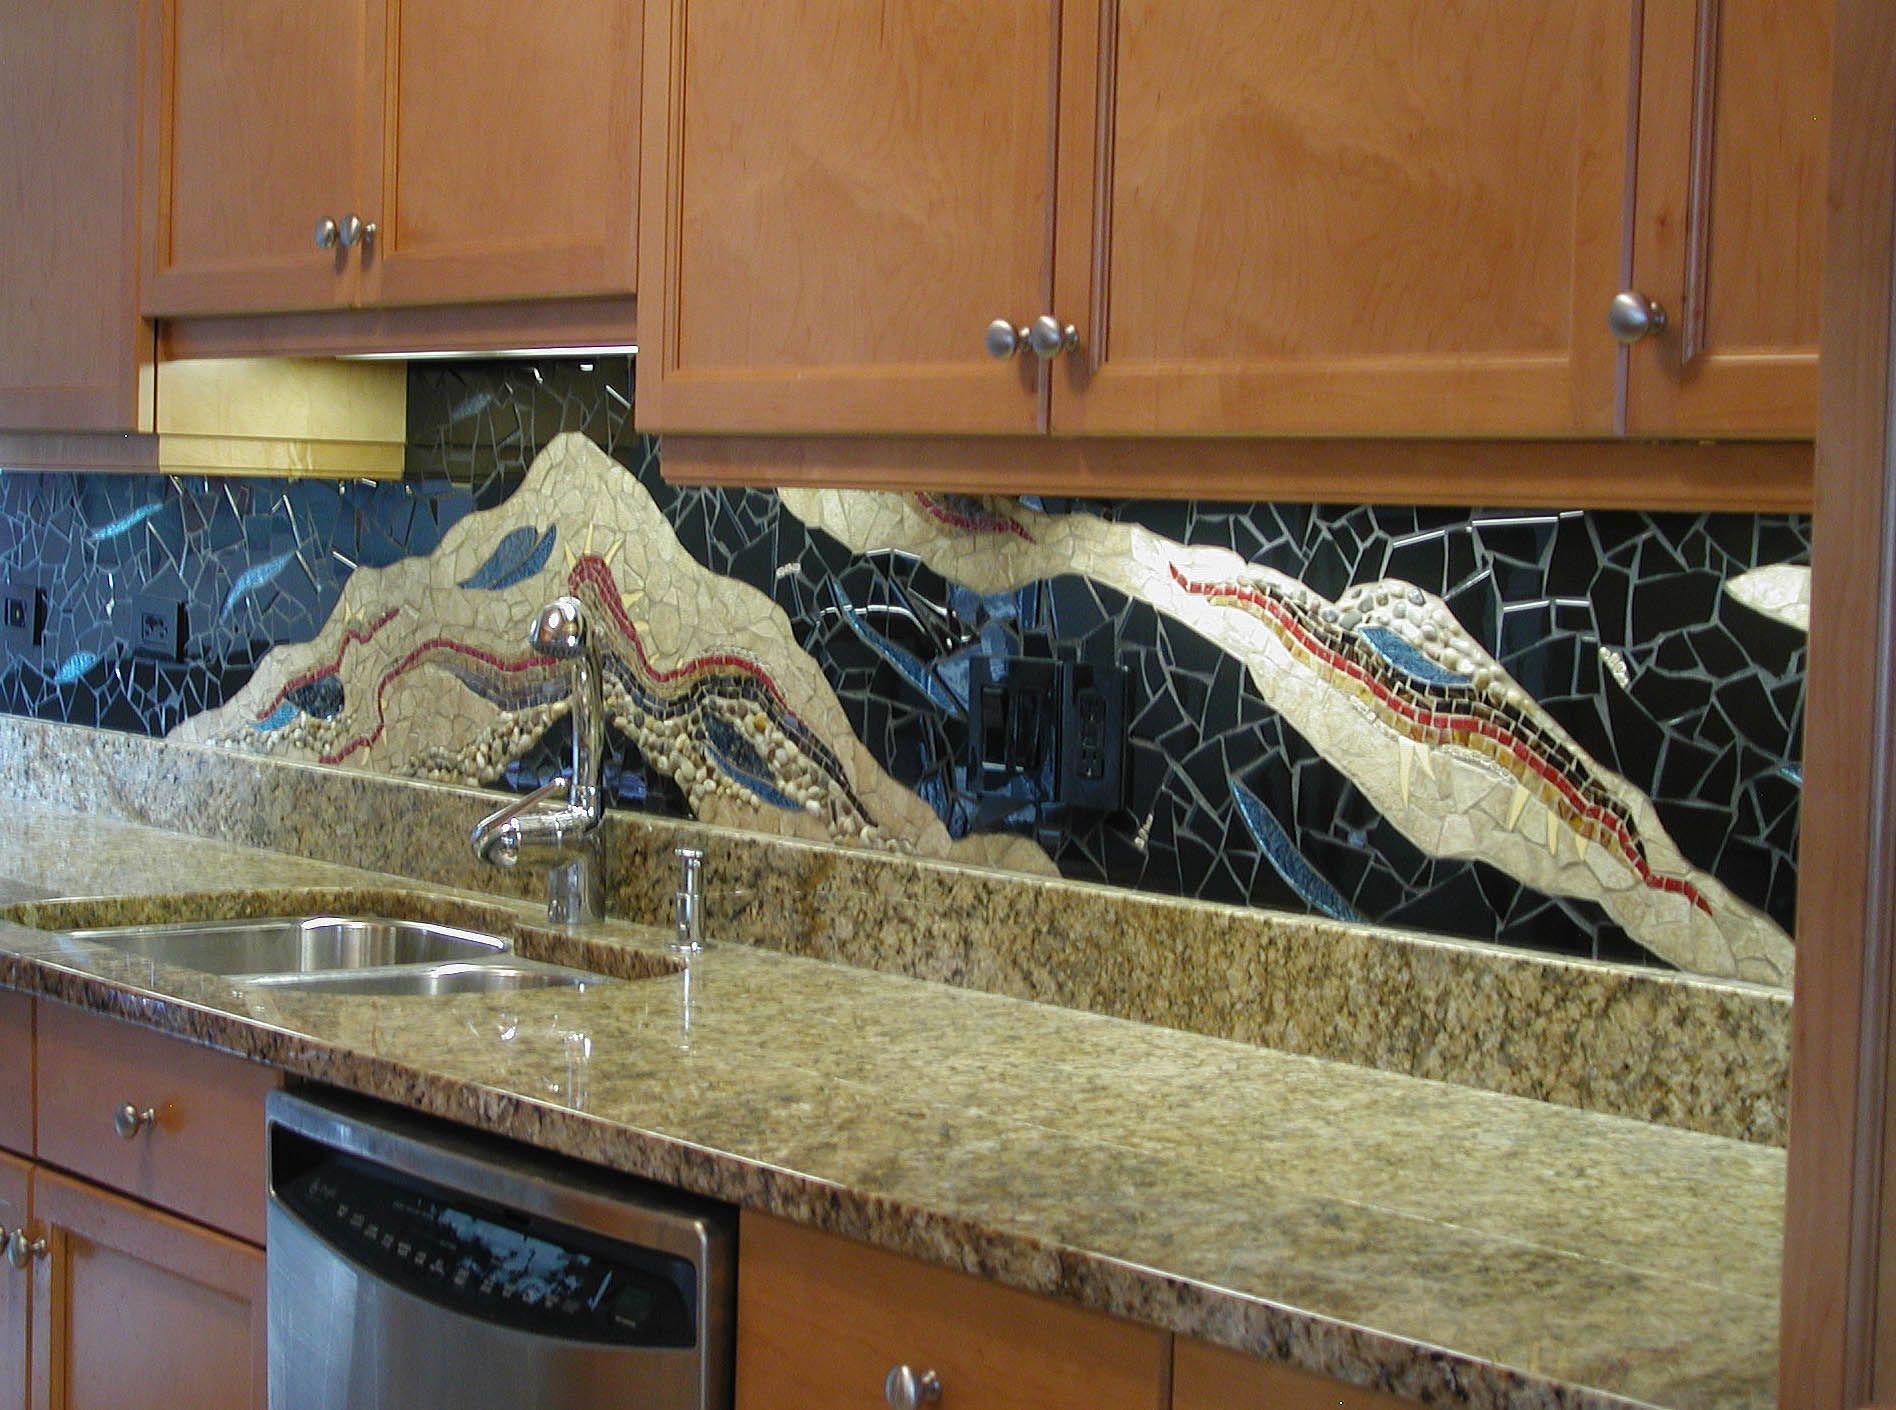 Kitchen Back Splash Designs kitchen backsplashes | kitchen remodel designs: mosaic backsplash